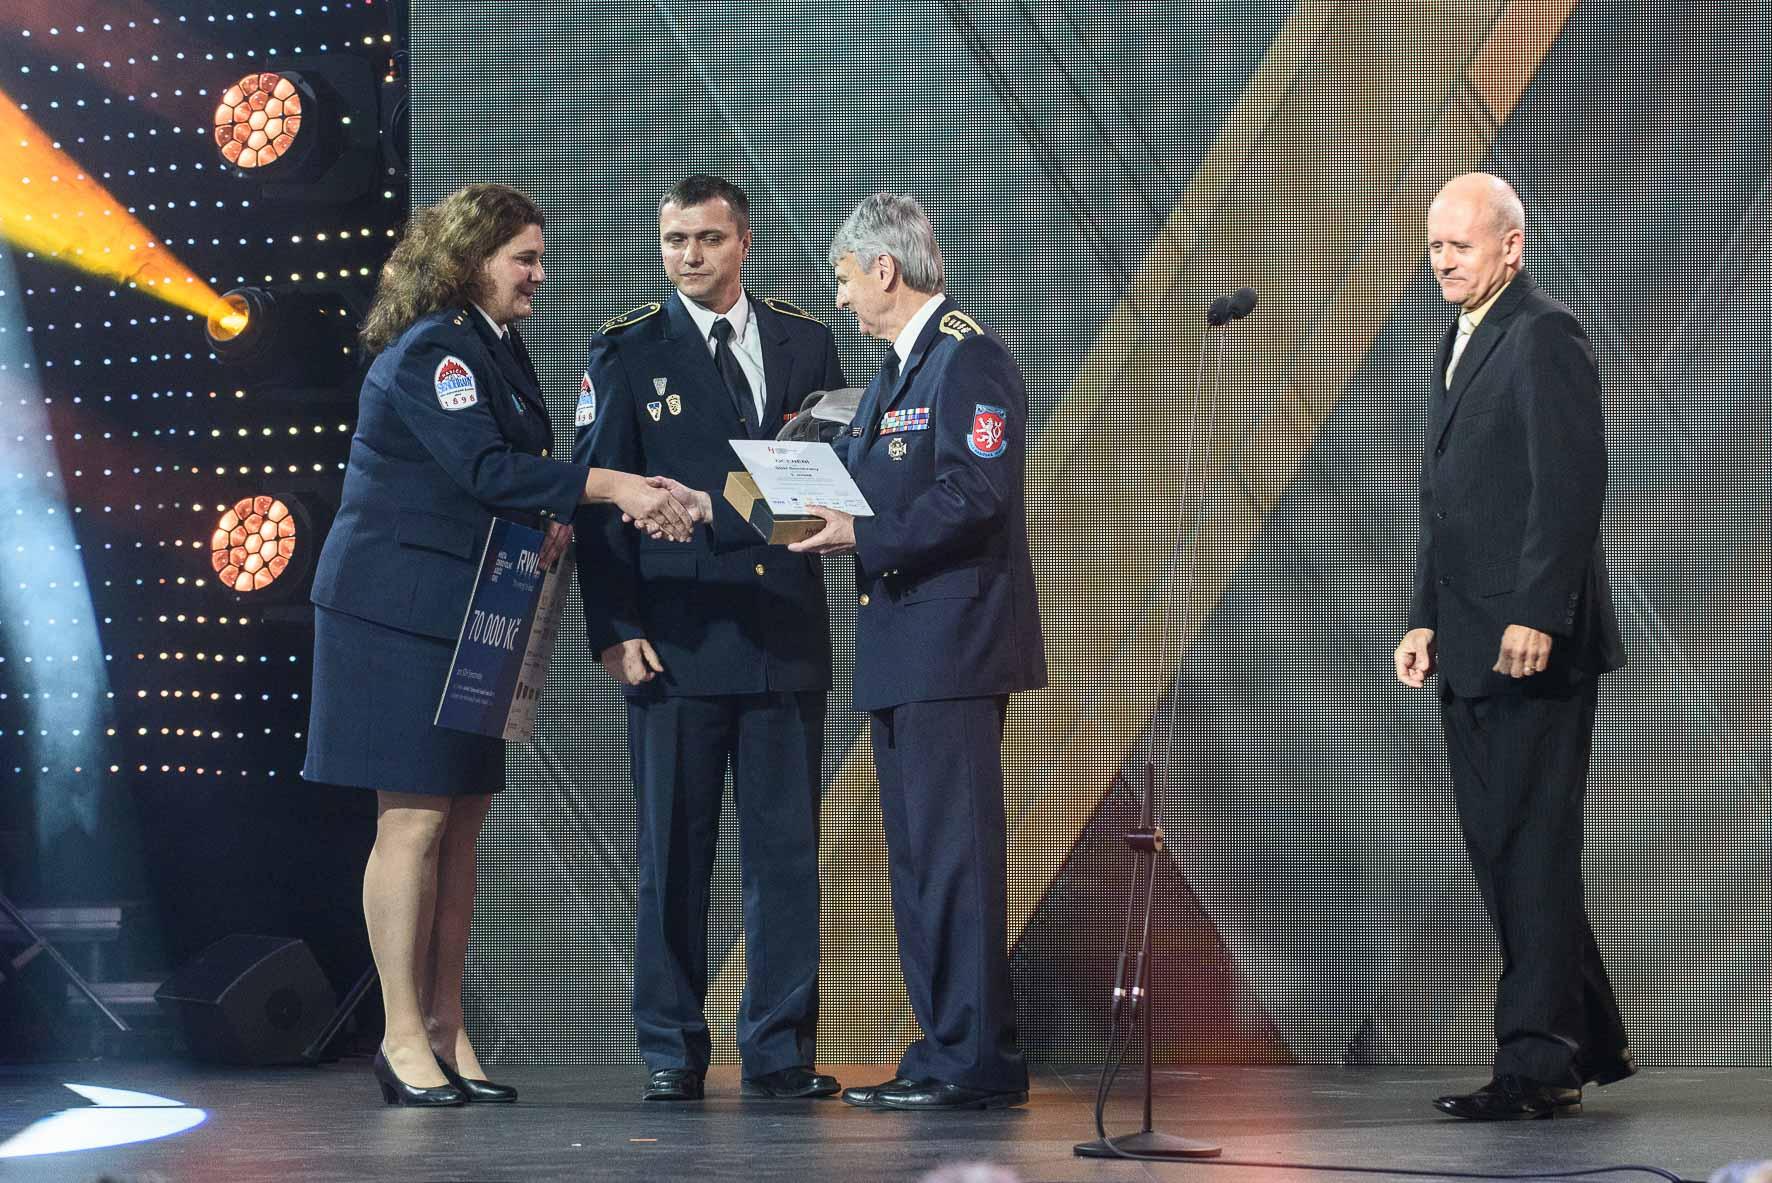 anketa-dobrovolni-hasici-roku-2015-vyhlaseni-vysledku-sdh-senohraby